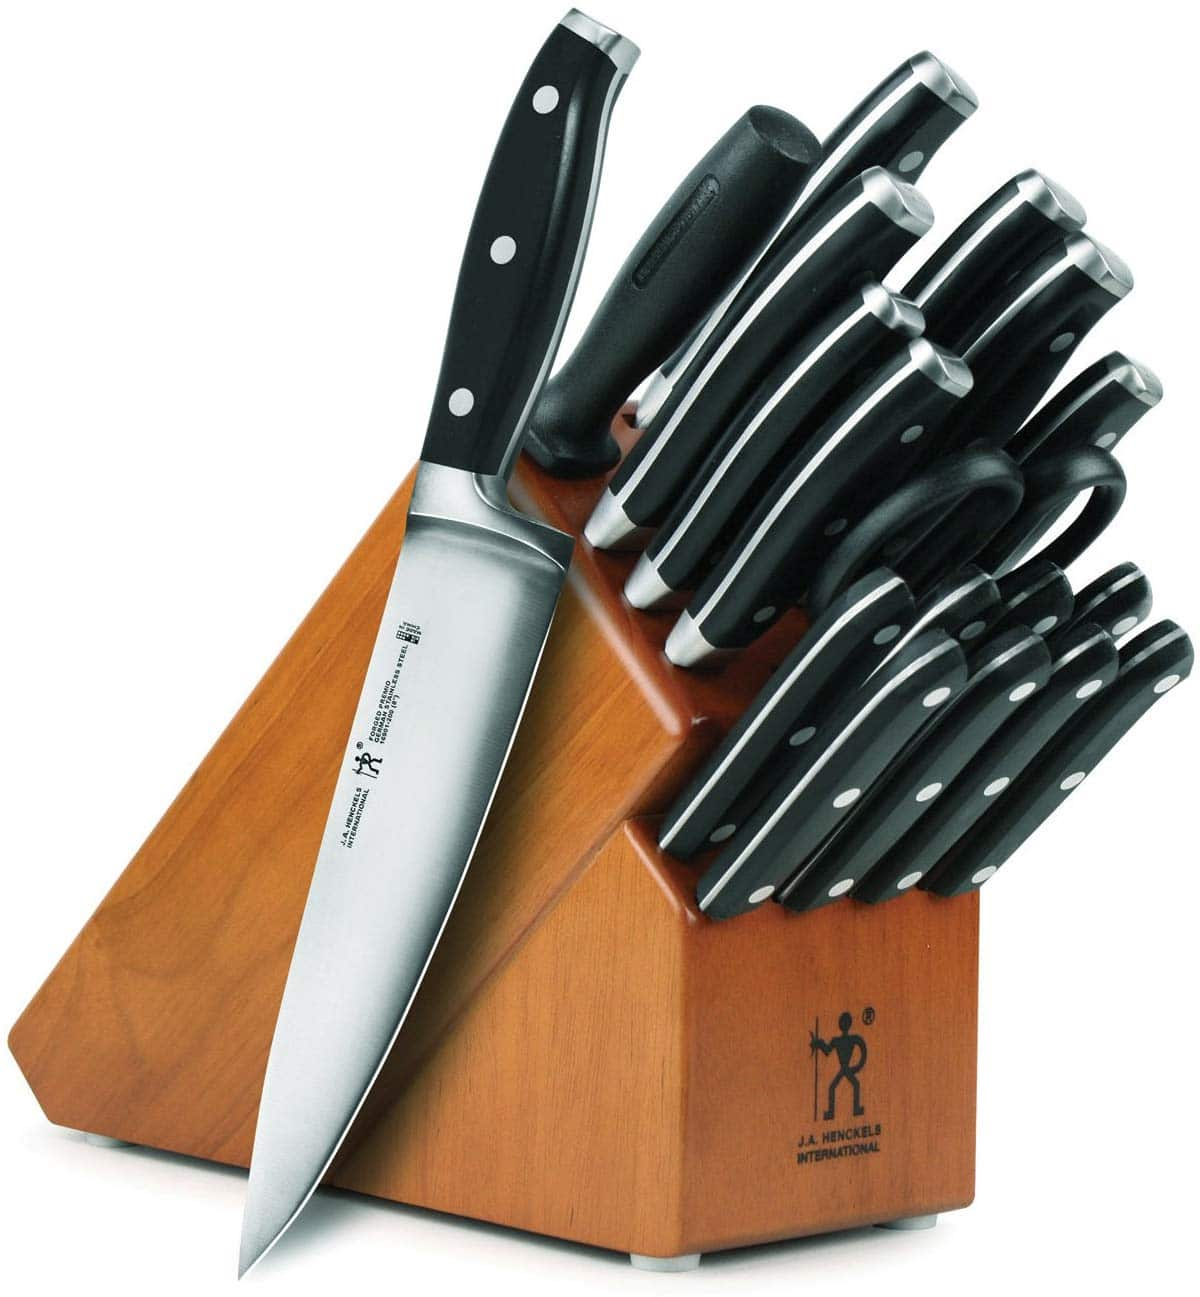 JA Henckles Knife Set